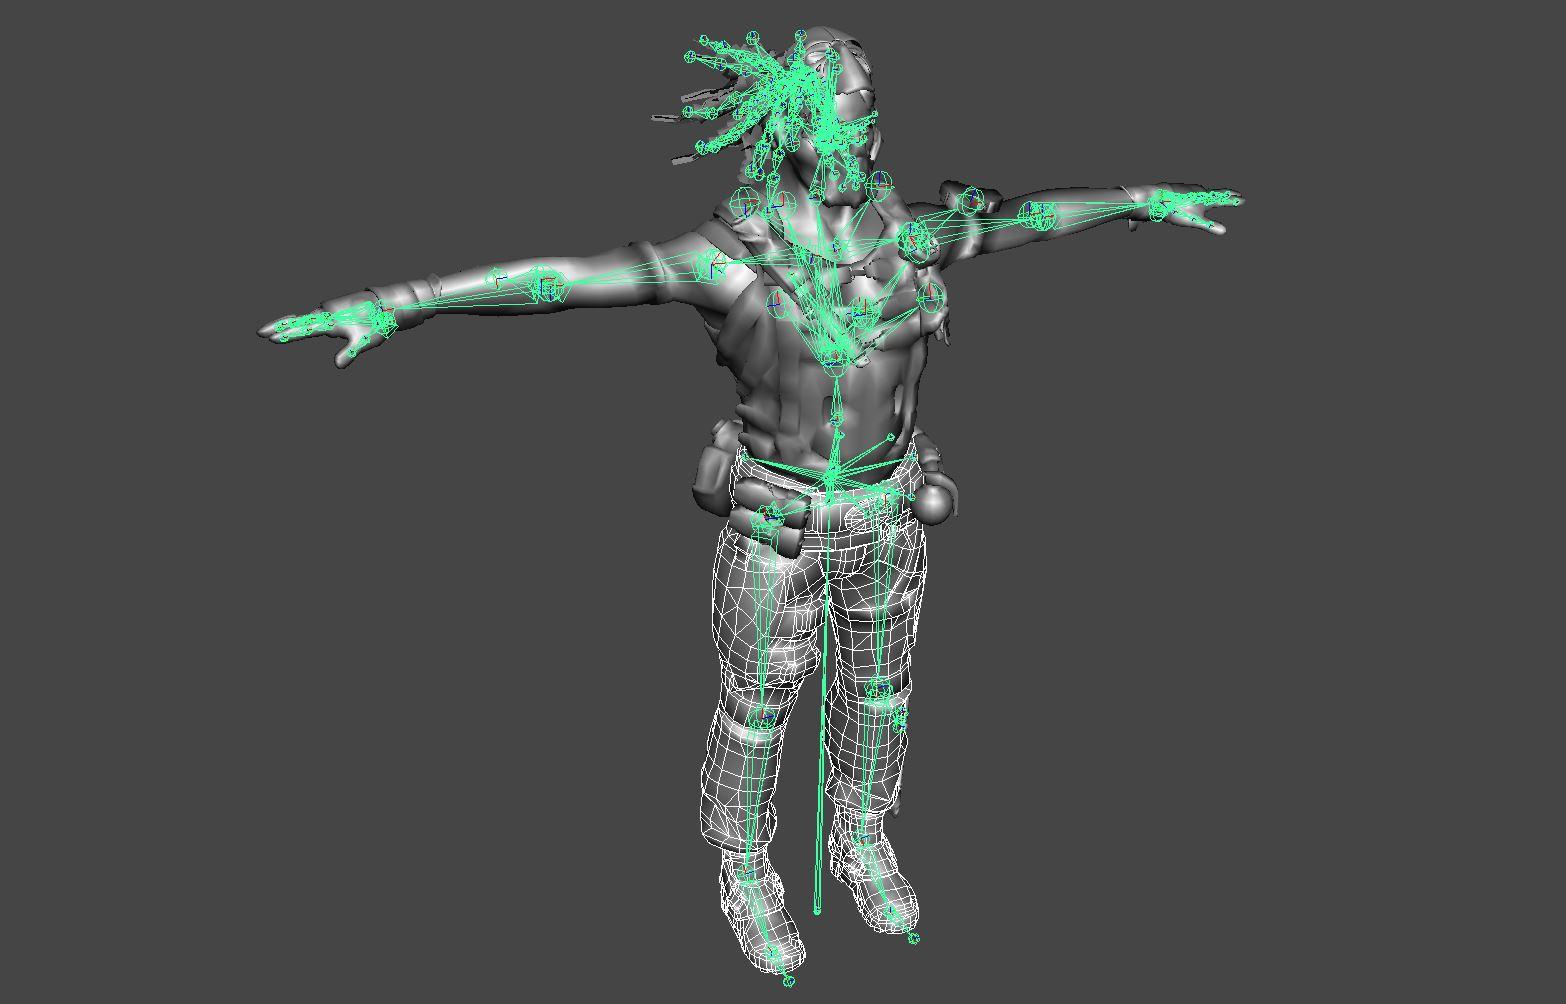 Скелетал меши в unreal engine 4